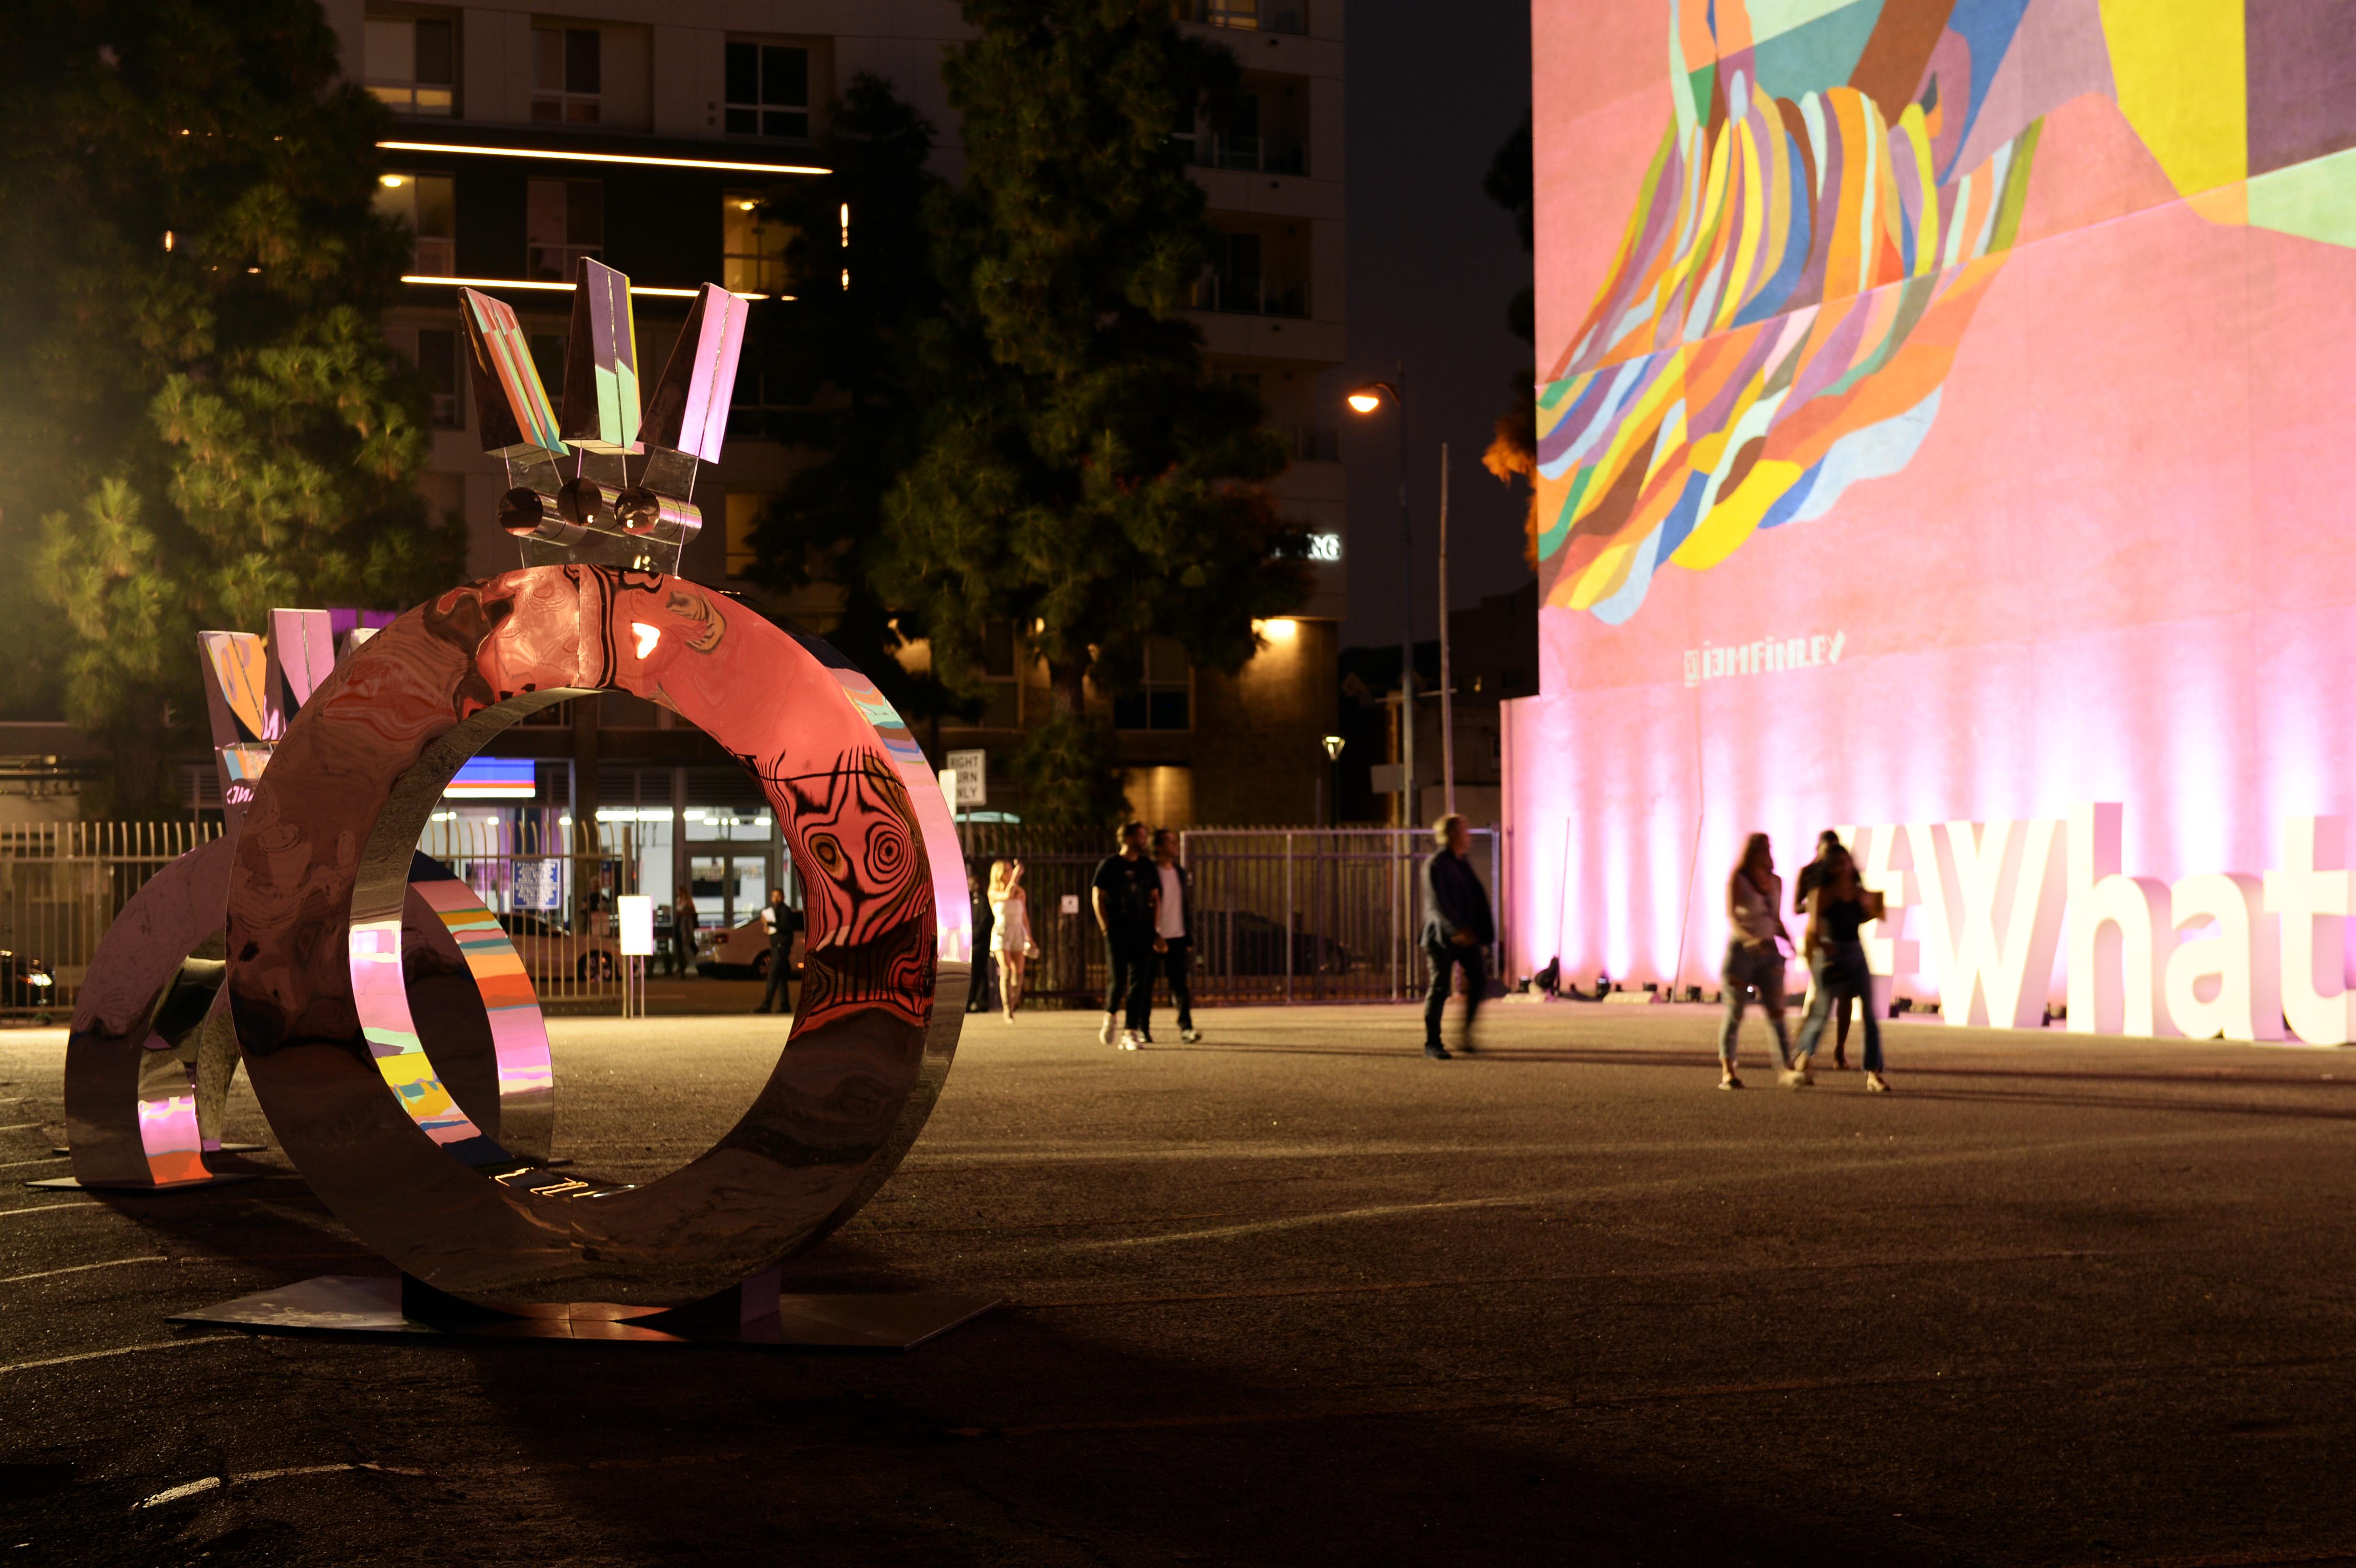 """Vista del ambiente durante el evento """"Pandora Street Of Loves""""celebrado en Los Ángeles, California, al cual asistieron las nuevas musas de la marca, como parte de una campaña inclusiva que se identifica con el hashtag #WhatDoYouLove y presenta a mujeres diversas y auténticas. Foto suministrada"""